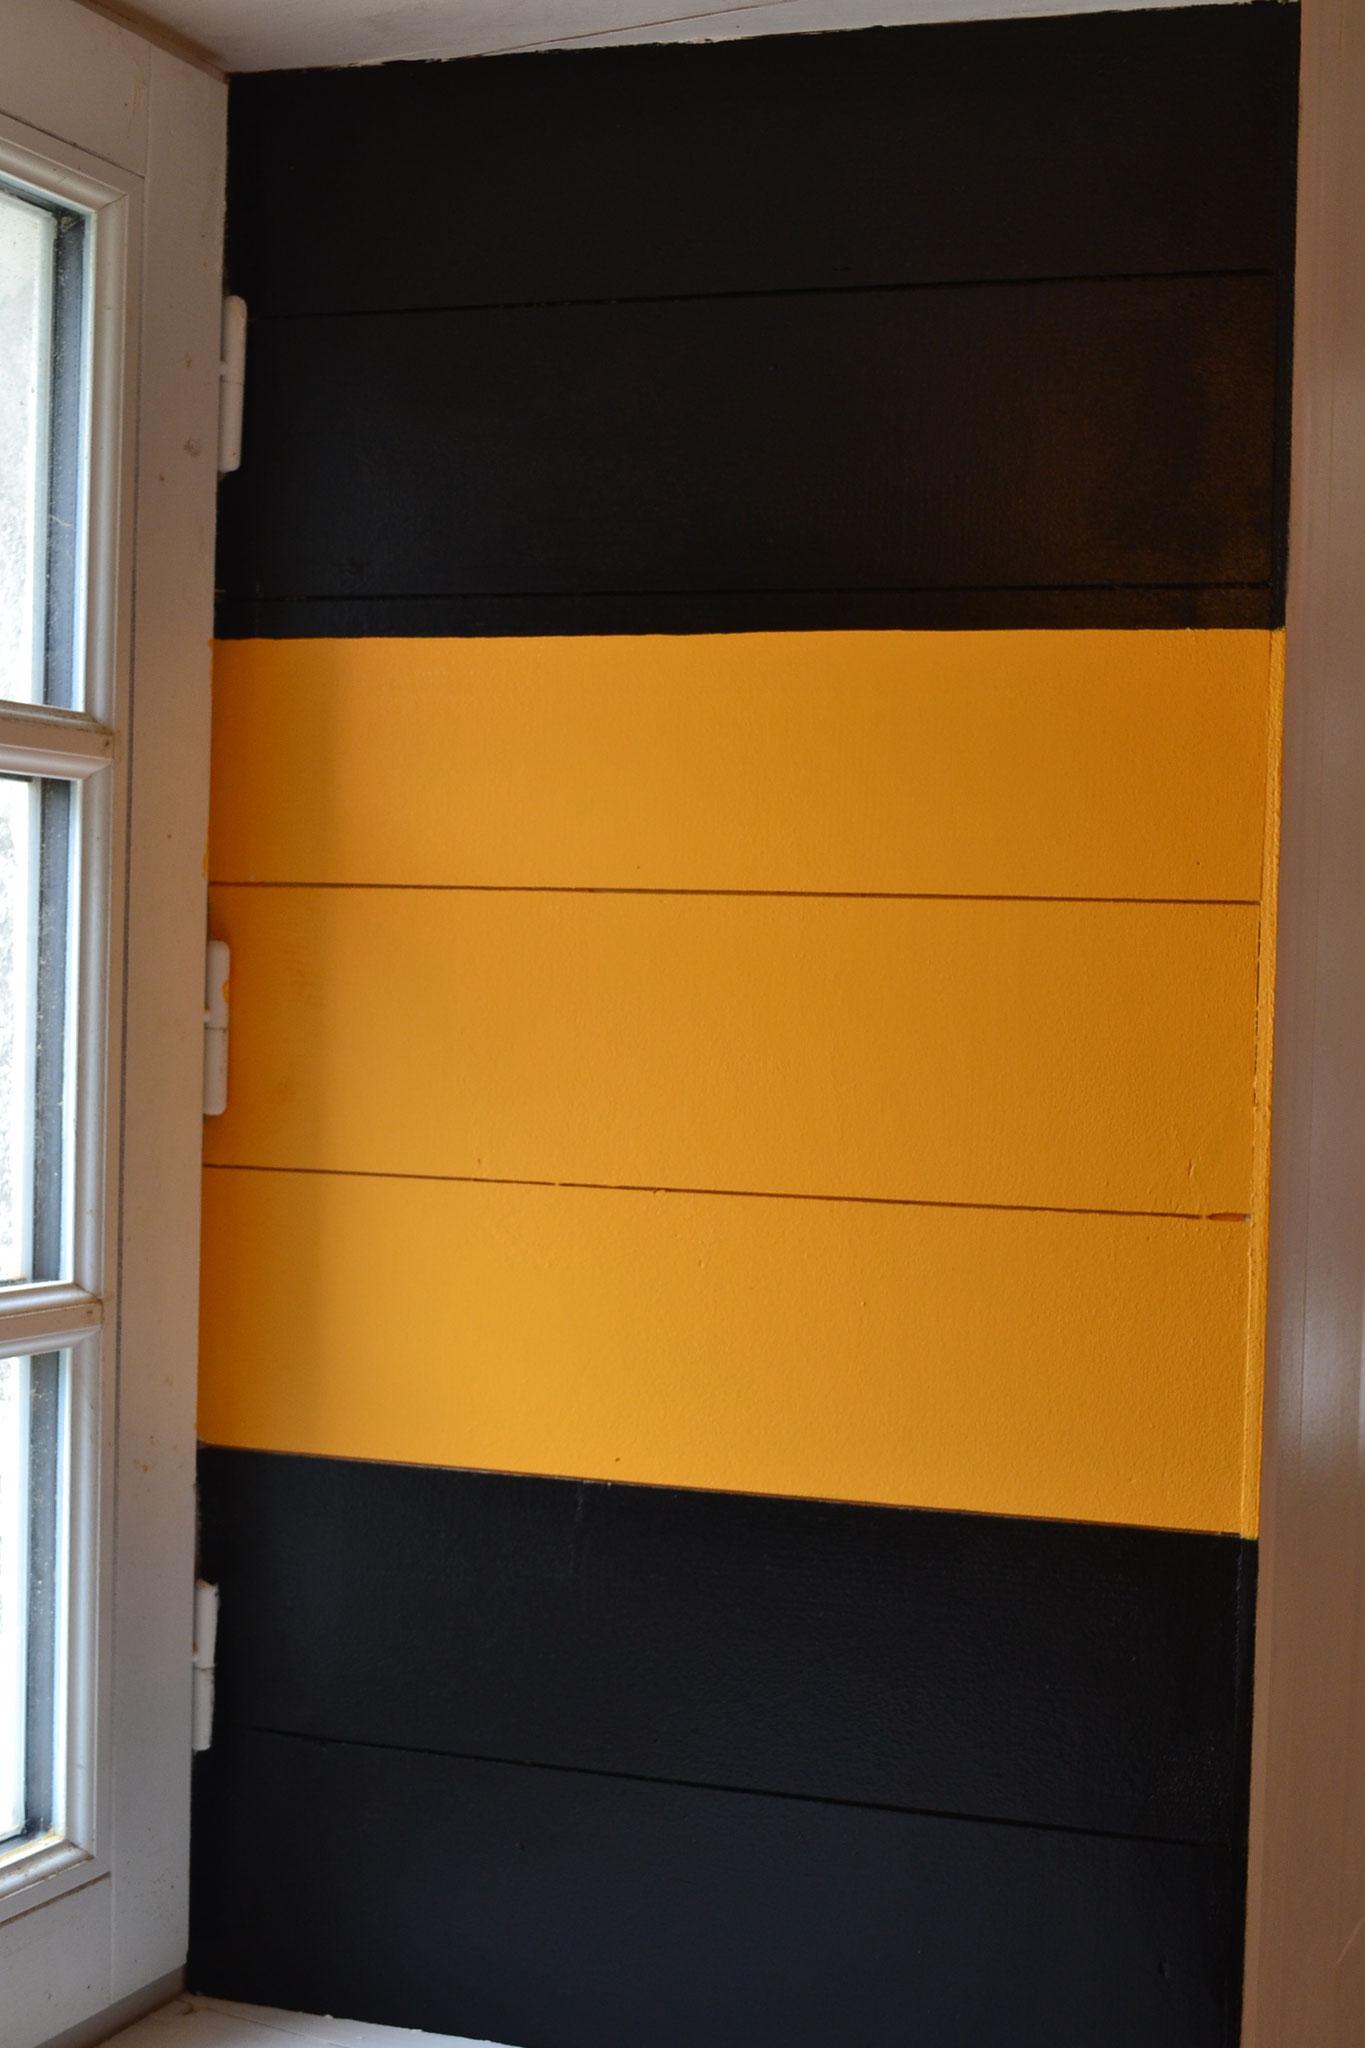 Noir/jaune/noir (cardinale Est)